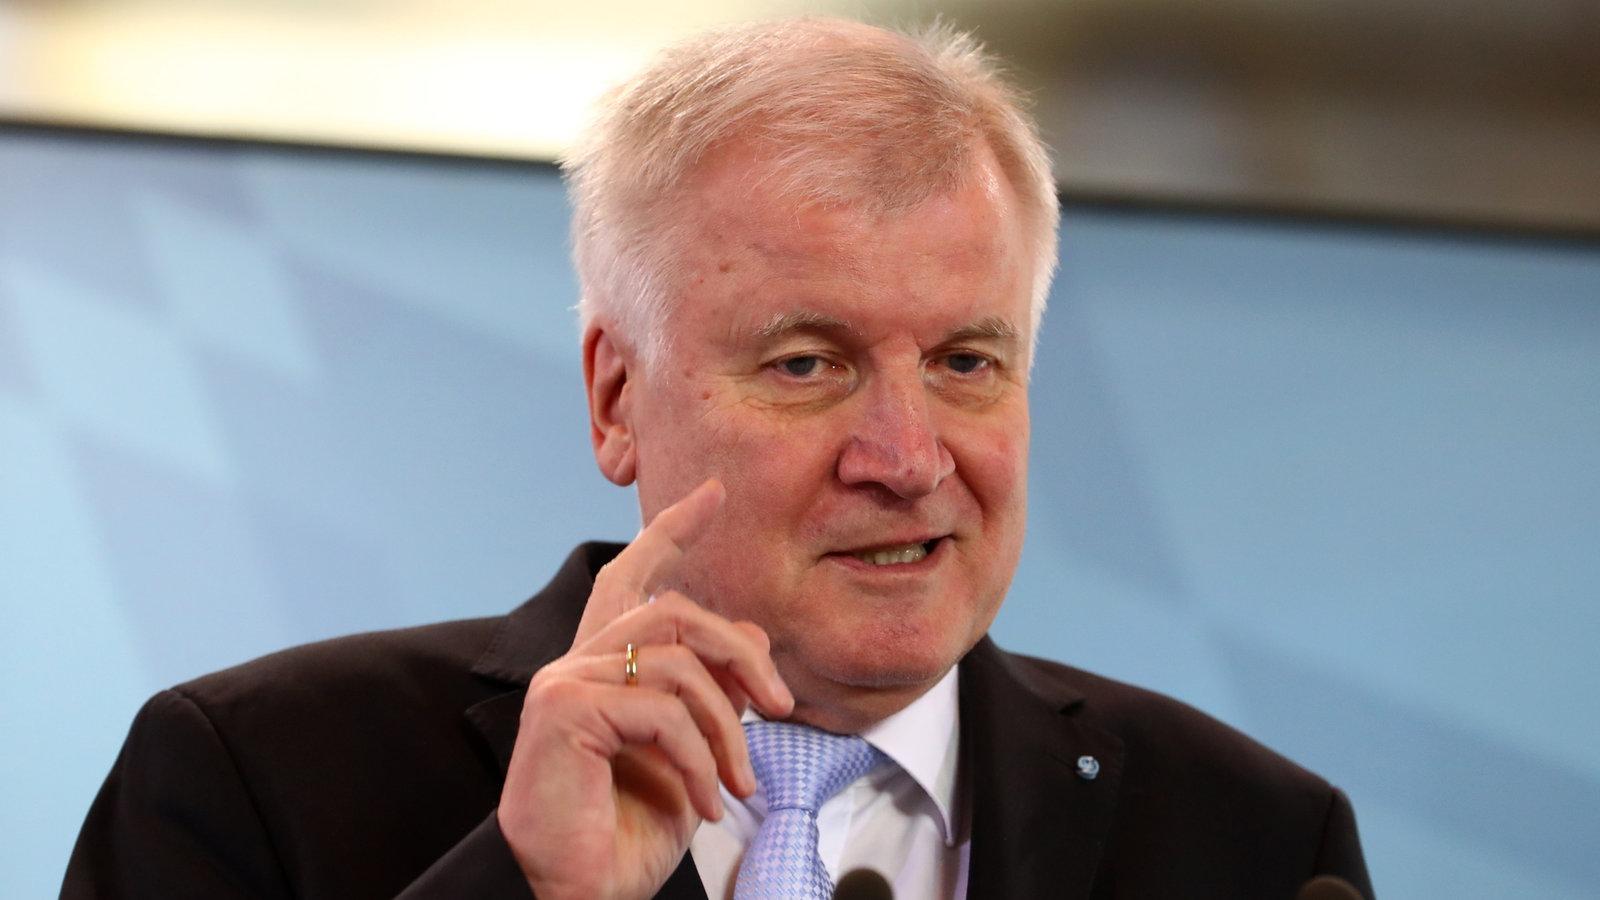 Die totale Überwachung: Seehofers Pläne für Deutschland